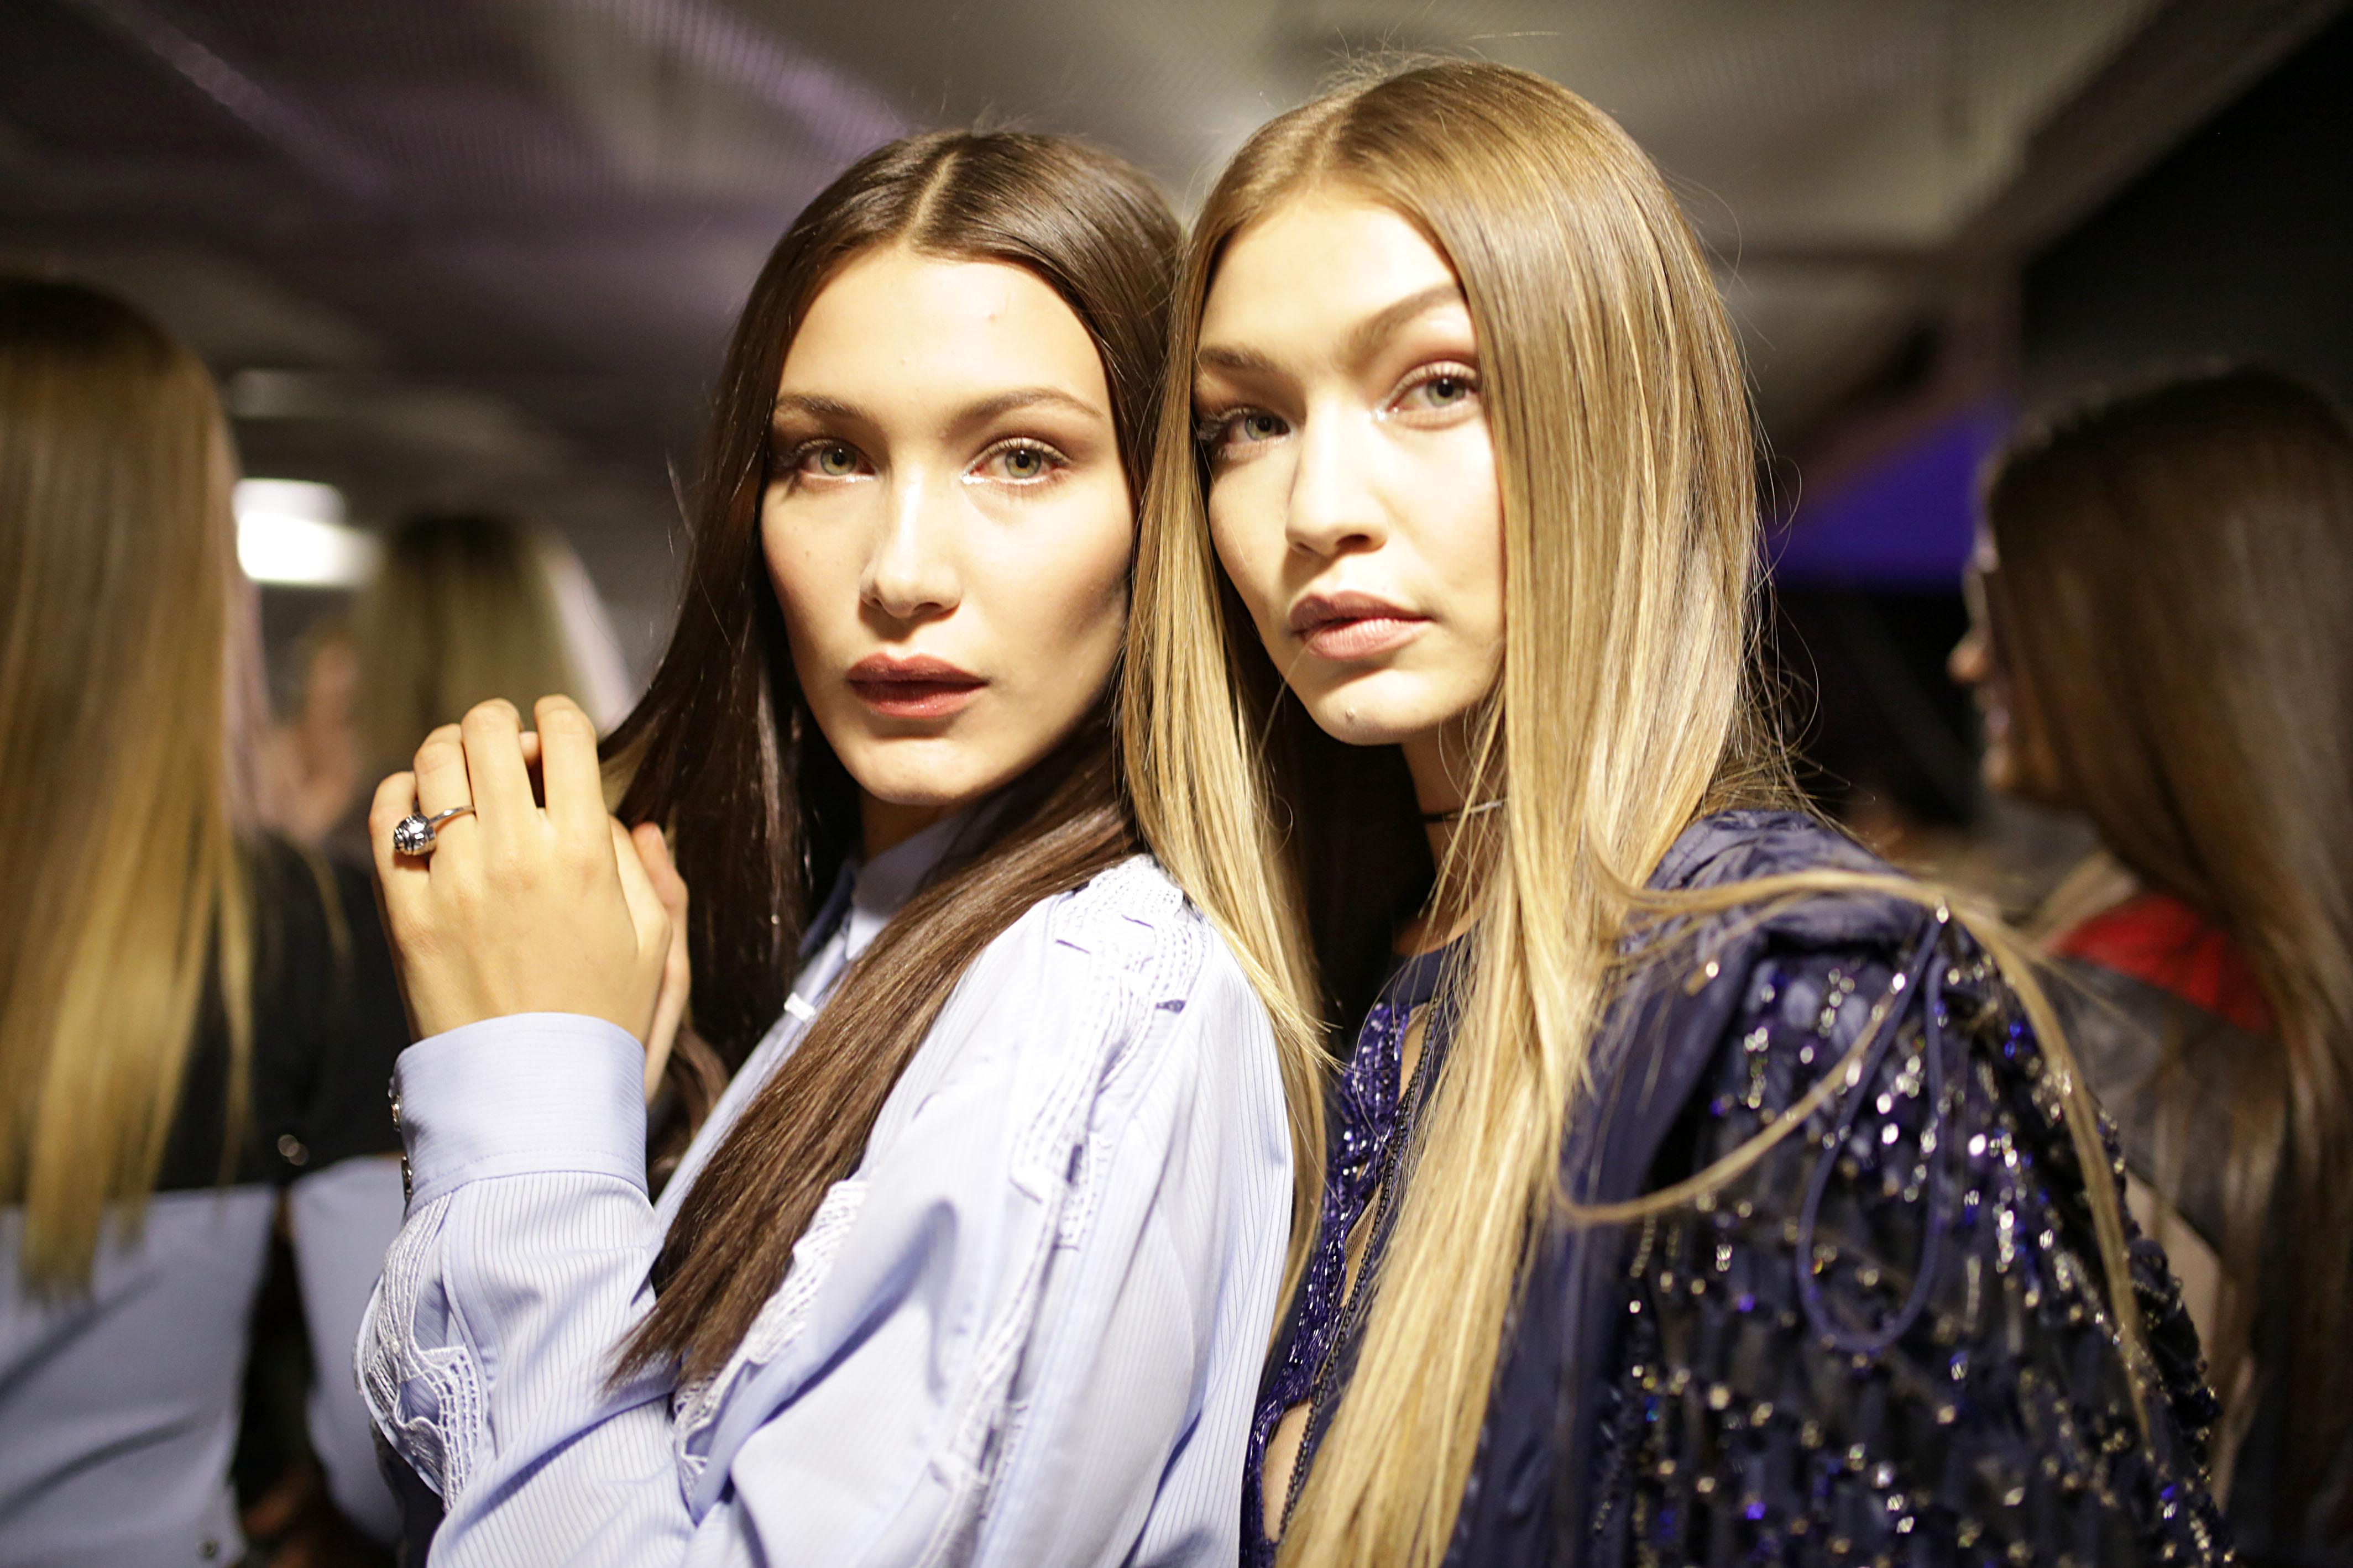 Джиджи и Белла Хадид блистали на модной вечеринке